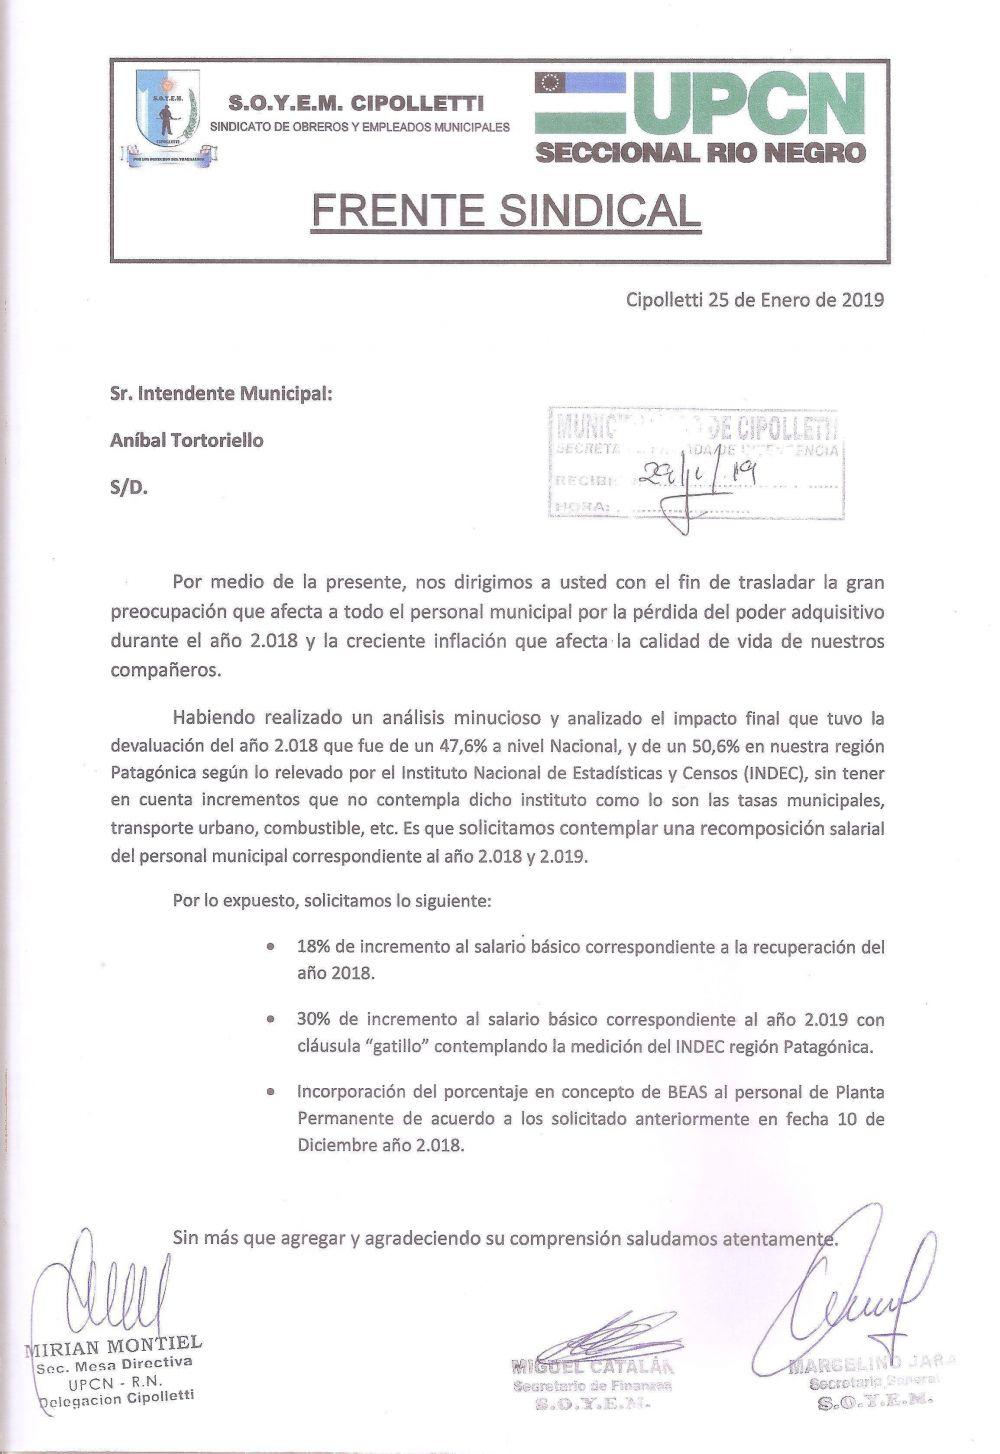 El Frente Sindical solicita una recomposición salarial para los empleados municipales